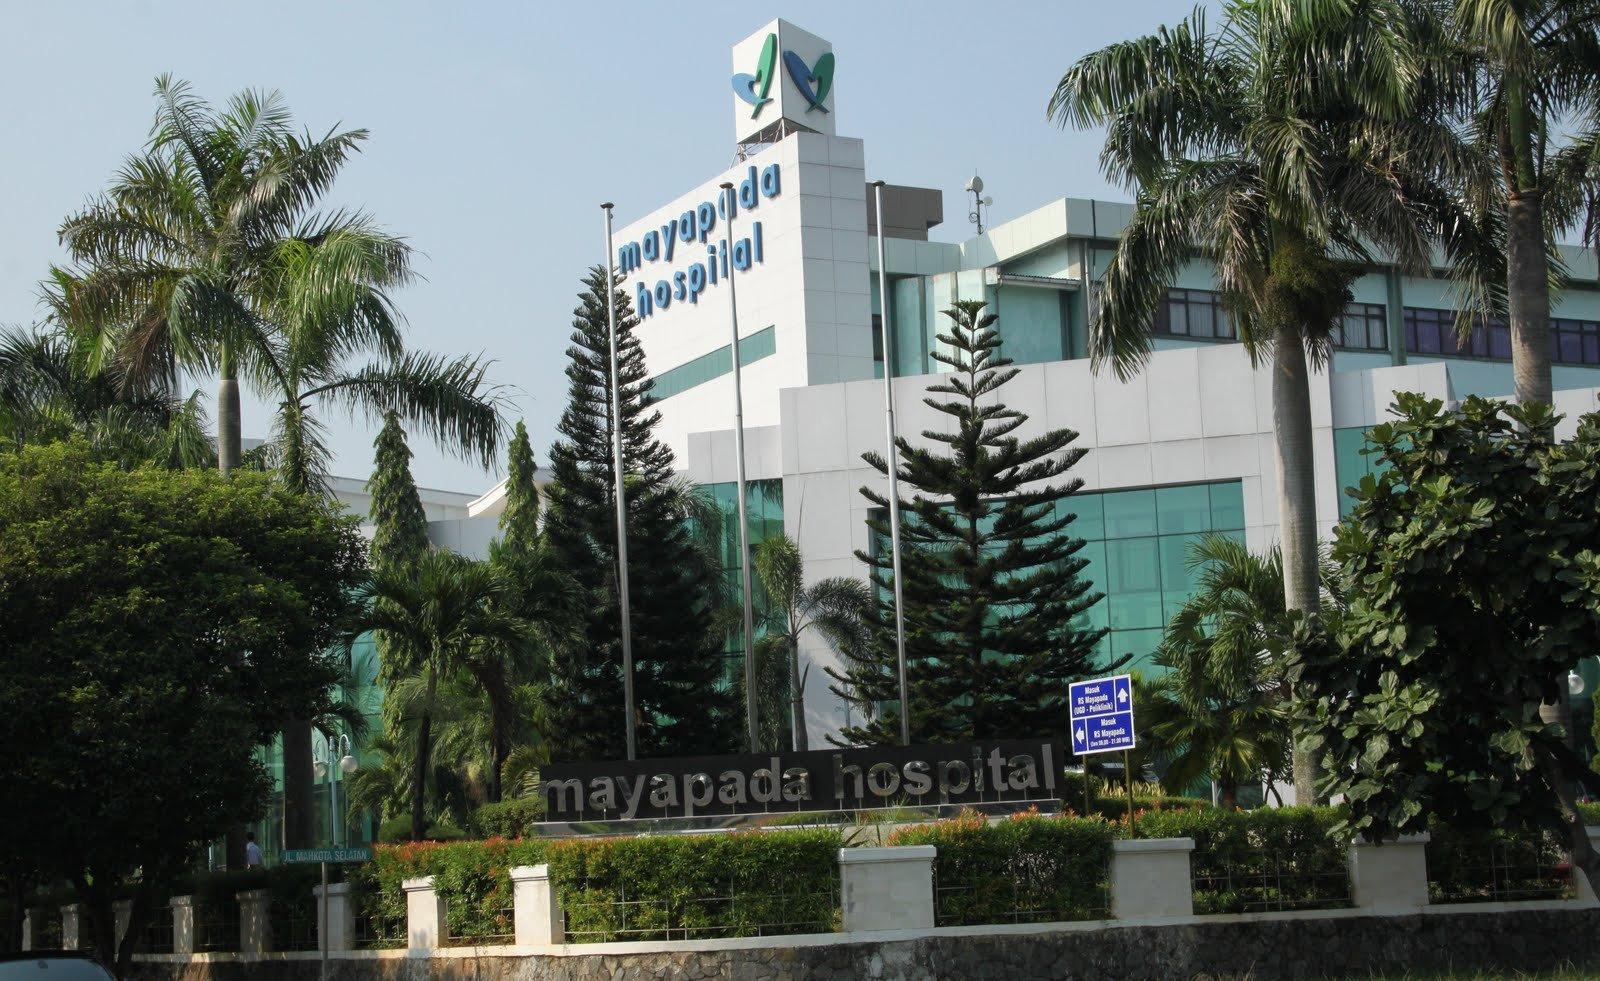 mayapada-hospital-tangerang